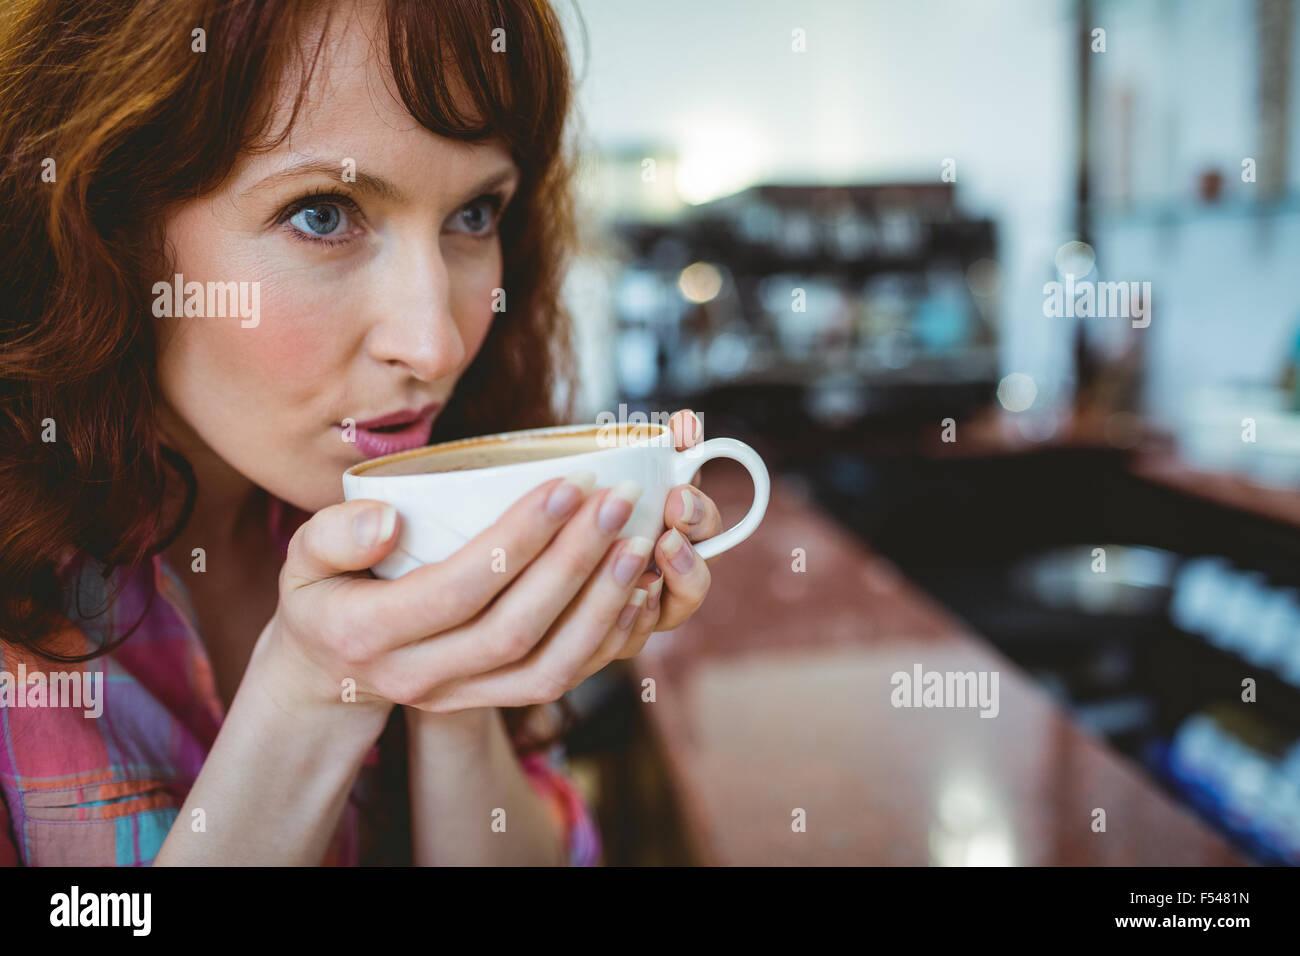 Coppia studente sorseggiando il suo caffè Immagini Stock